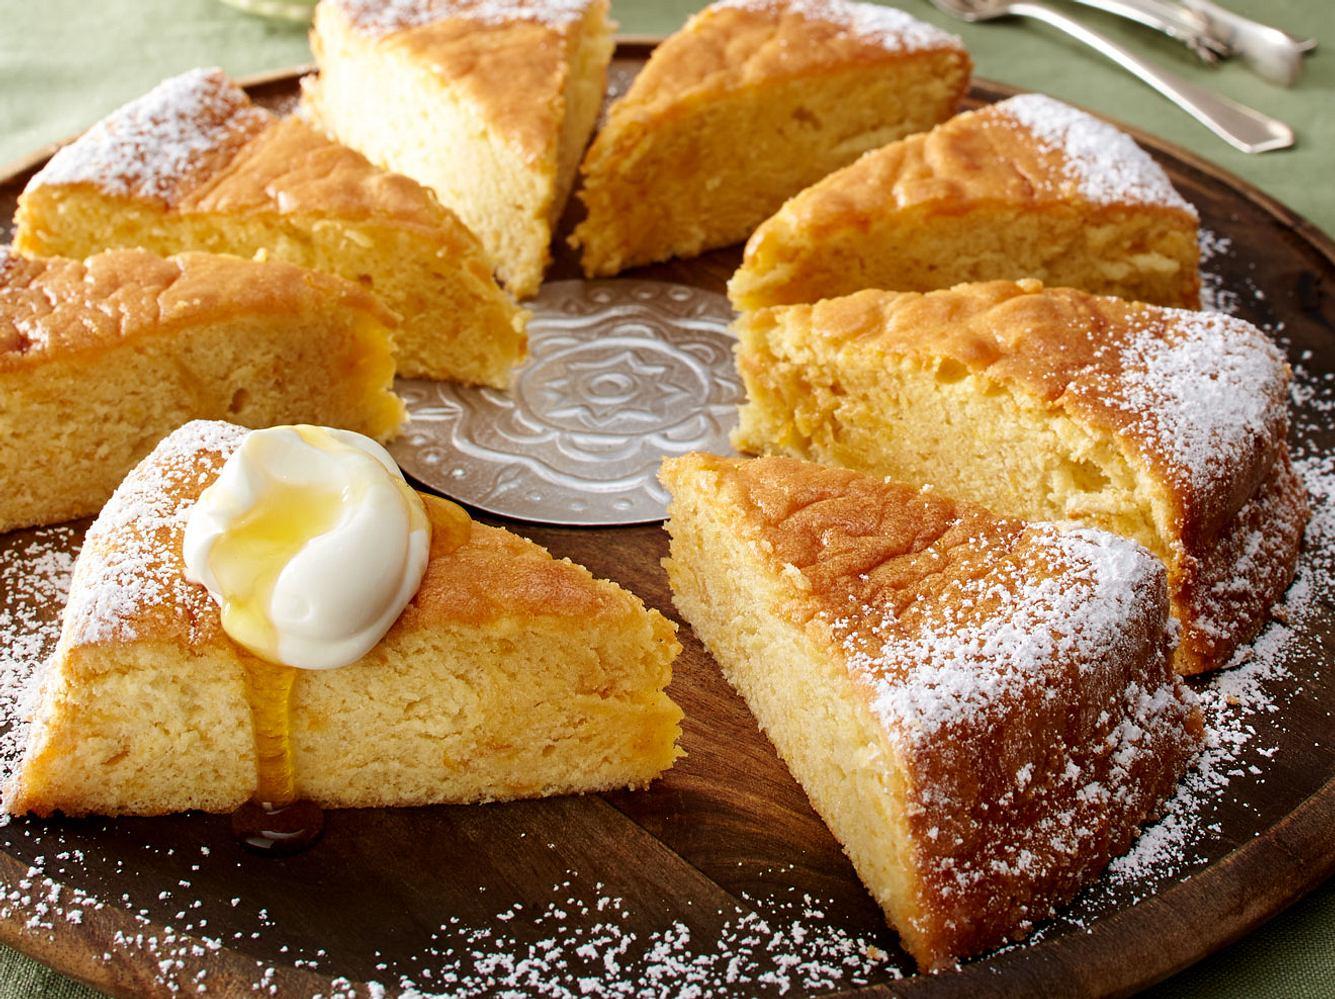 Der Olivenölkuchen schmeckt pur, aber auch mit griechischem Joghurt, Honig und Thymian.